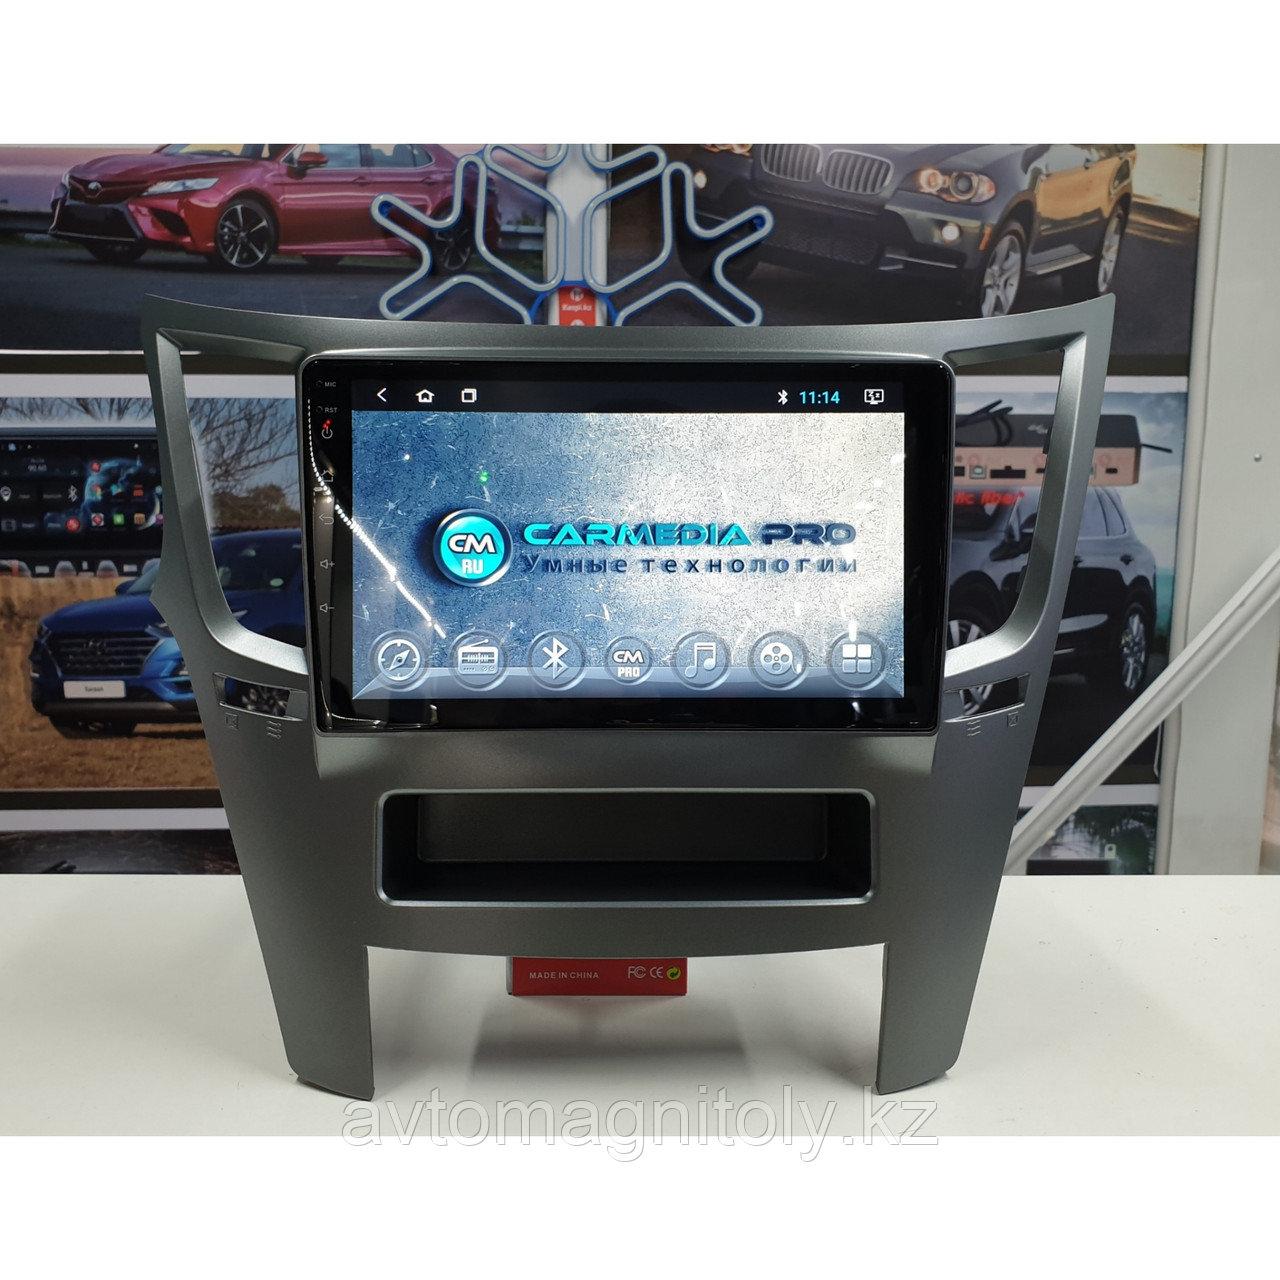 Магнитола CarMedia PRO Subaru Legacy 2009-2014